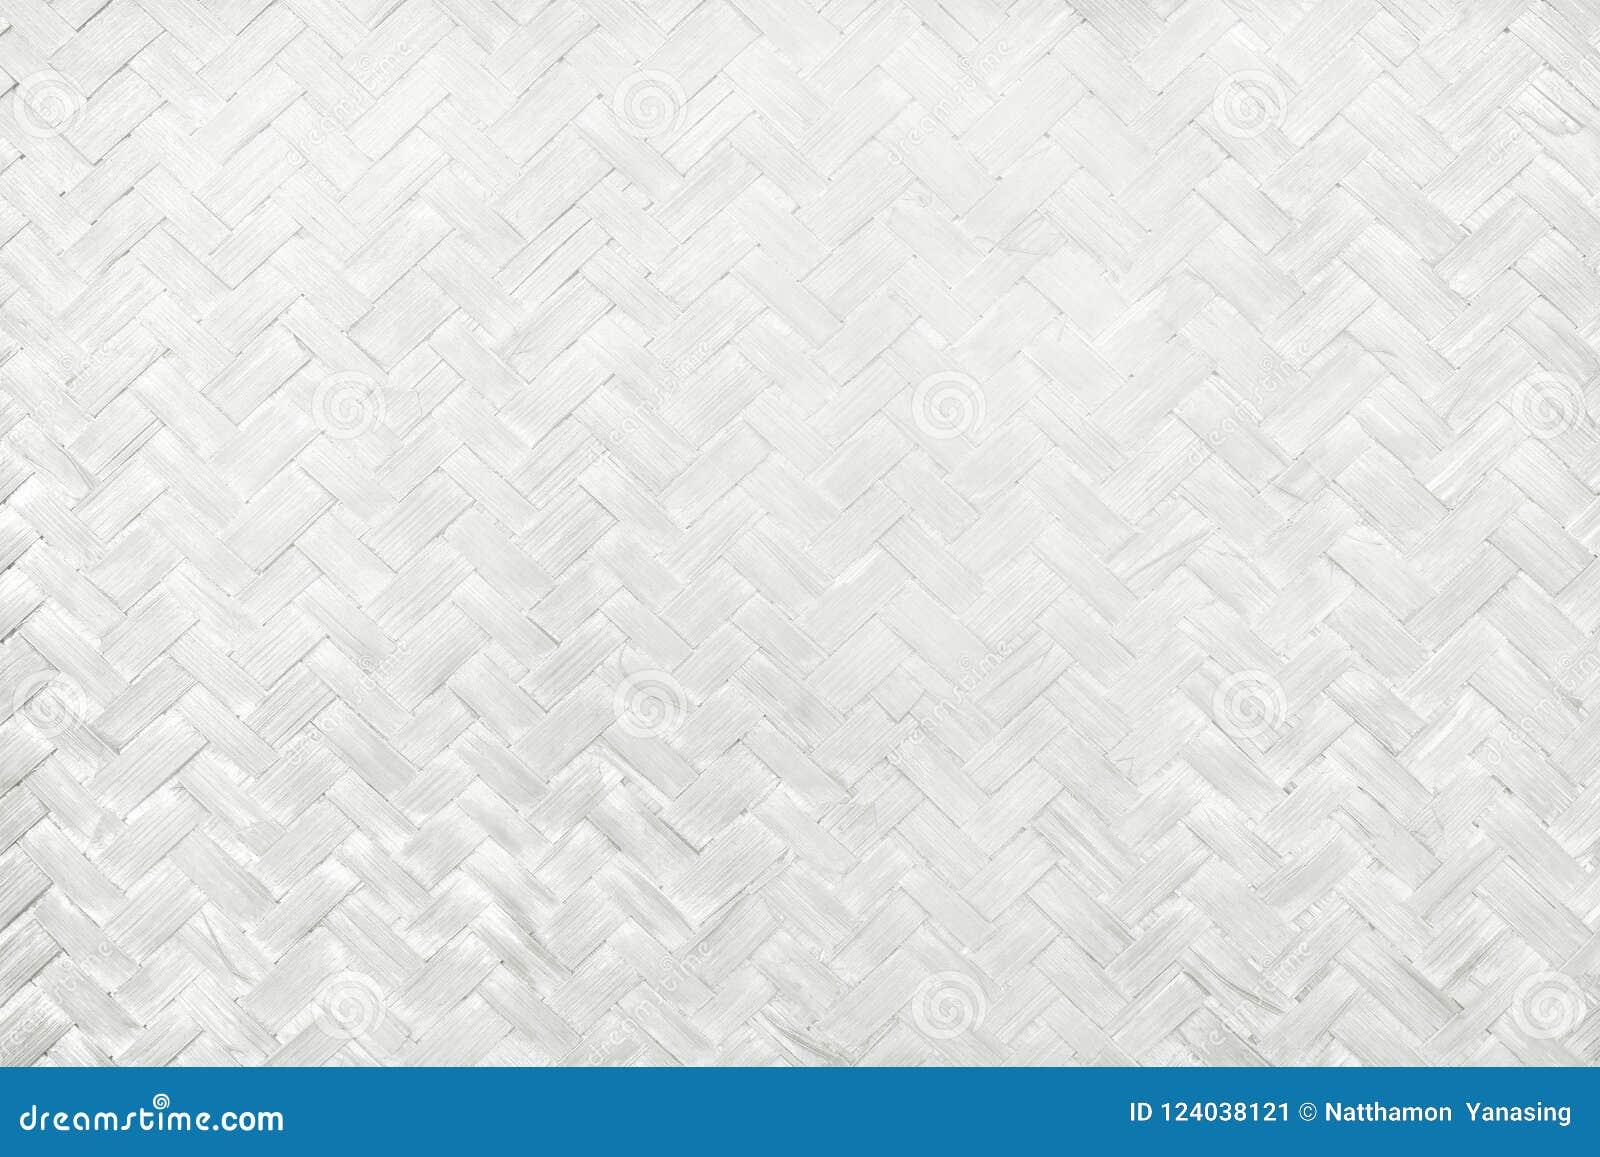 Белая бамбуковая сплетя картина, сплетенная текстура циновки ротанга для предпосылки и произведение искусства дизайна